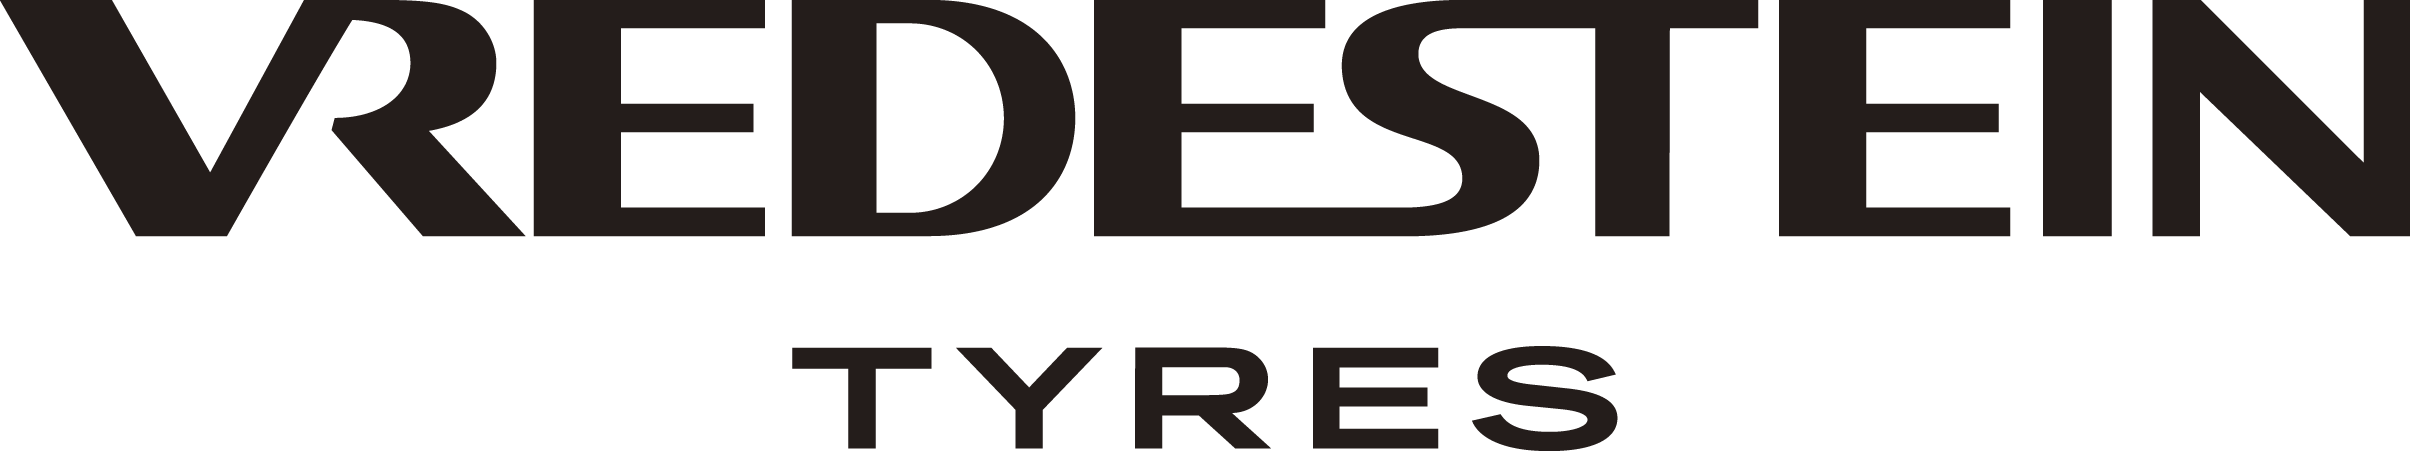 Vredestein logo